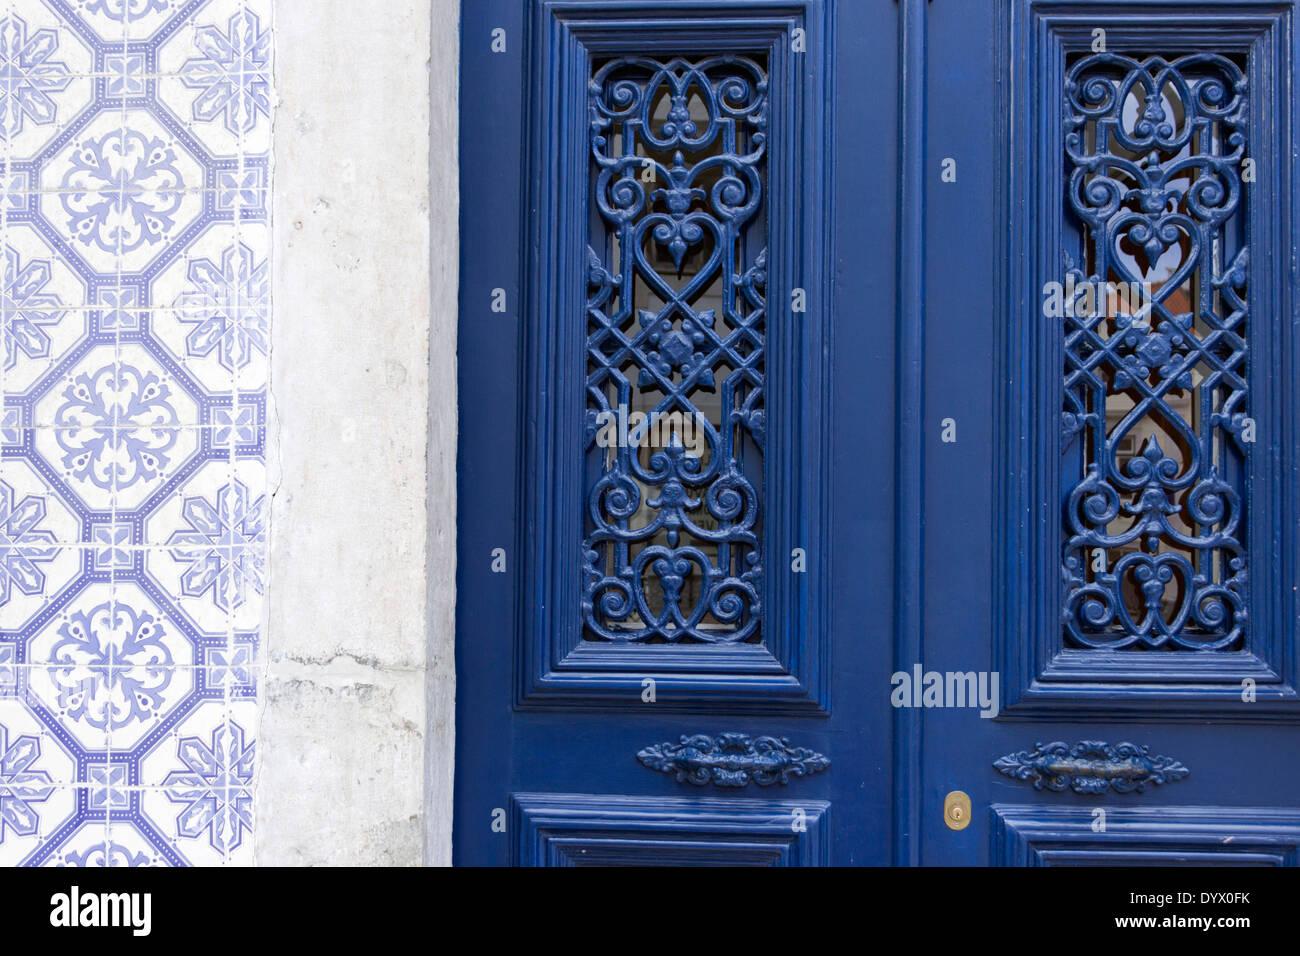 Lisbona, Portogallo. Dettaglio del tipico portoghese di piastrelle di ceramica e decorativa della porta blu. Immagini Stock